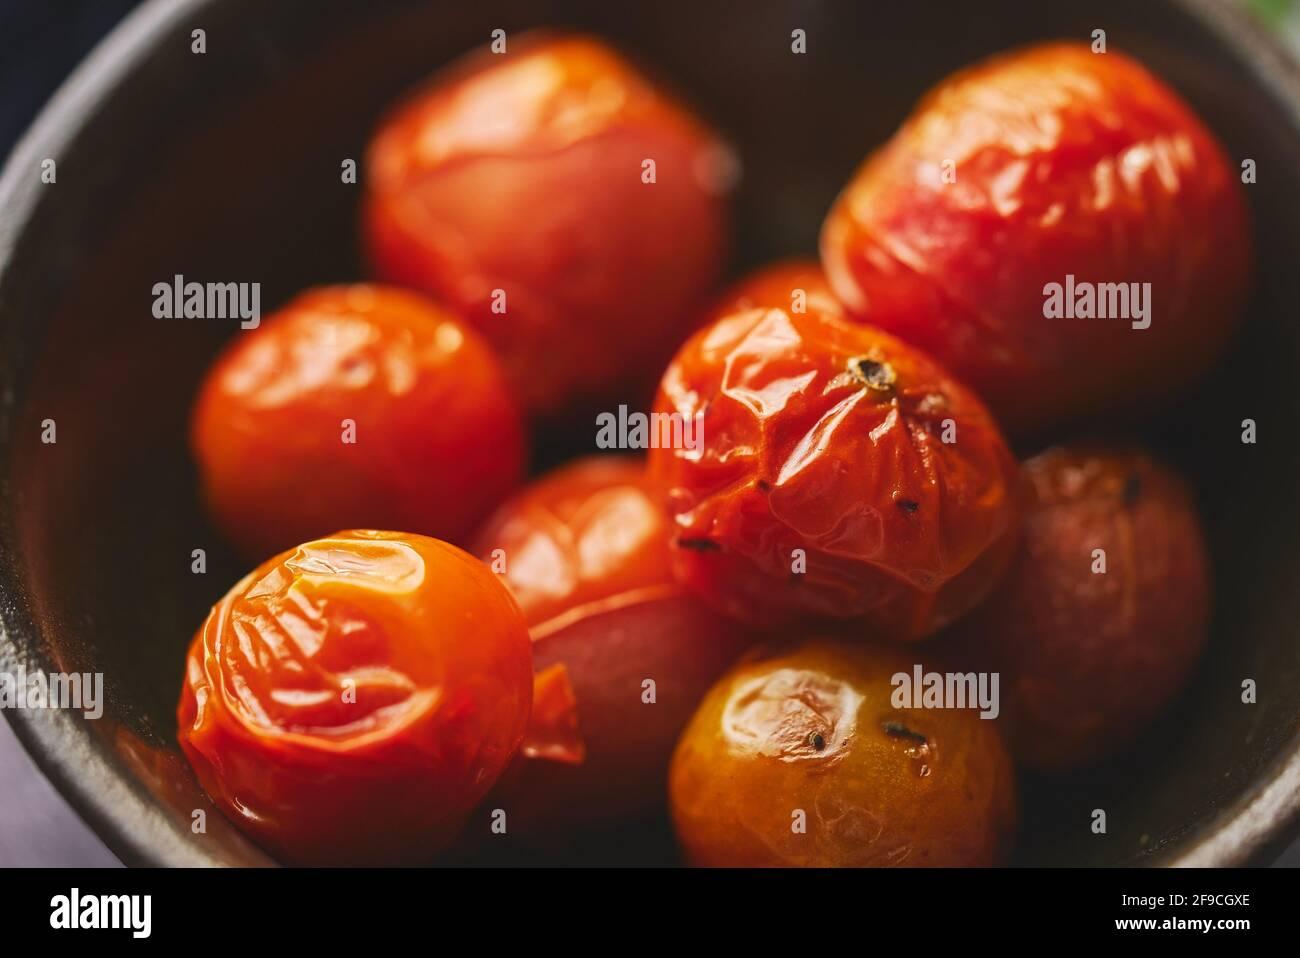 Tomates cherry asados colocados en un cuenco cerámico oscuro. Primer plano de la macro. Foto de stock